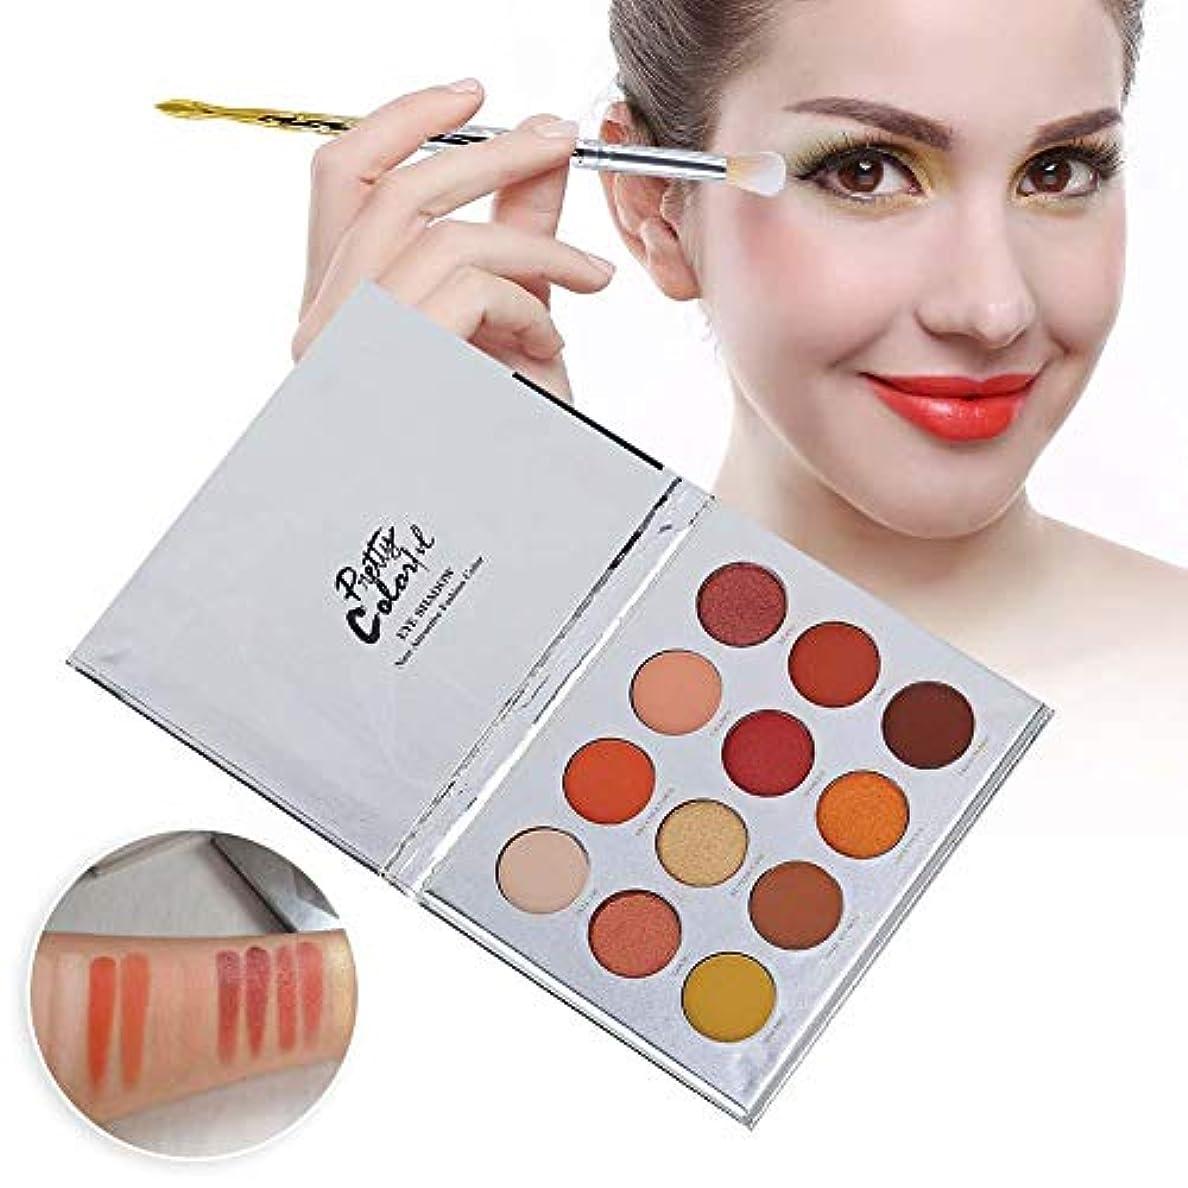 検出伝導率炎上アイシャドウパレット 12色 化粧マット 化粧品ツール グロス アイシャドウパウダー